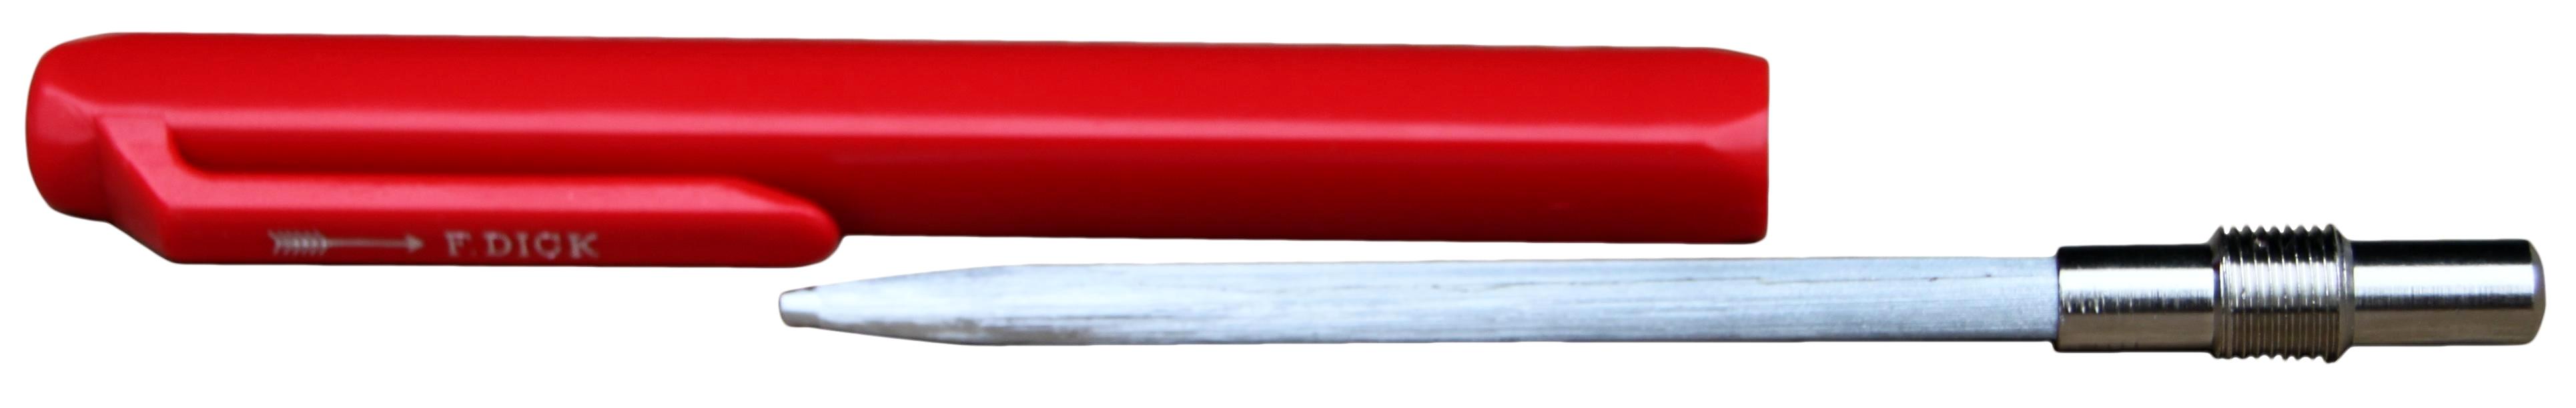 Hoefmes vijl rond voor mes en krul